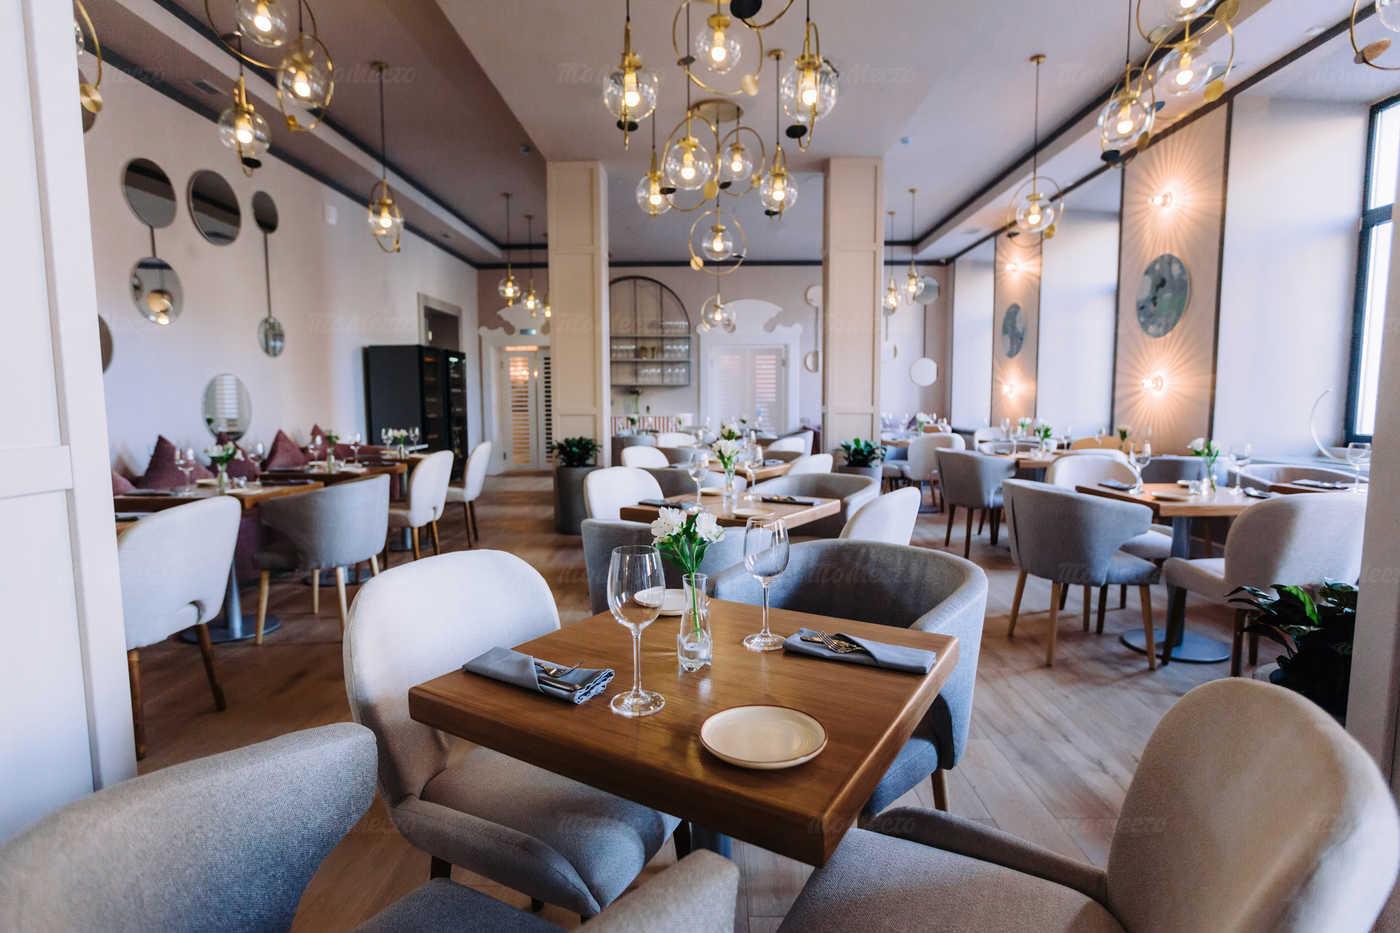 Ресторан Джульетта (Giulietta) на Инженерной улице